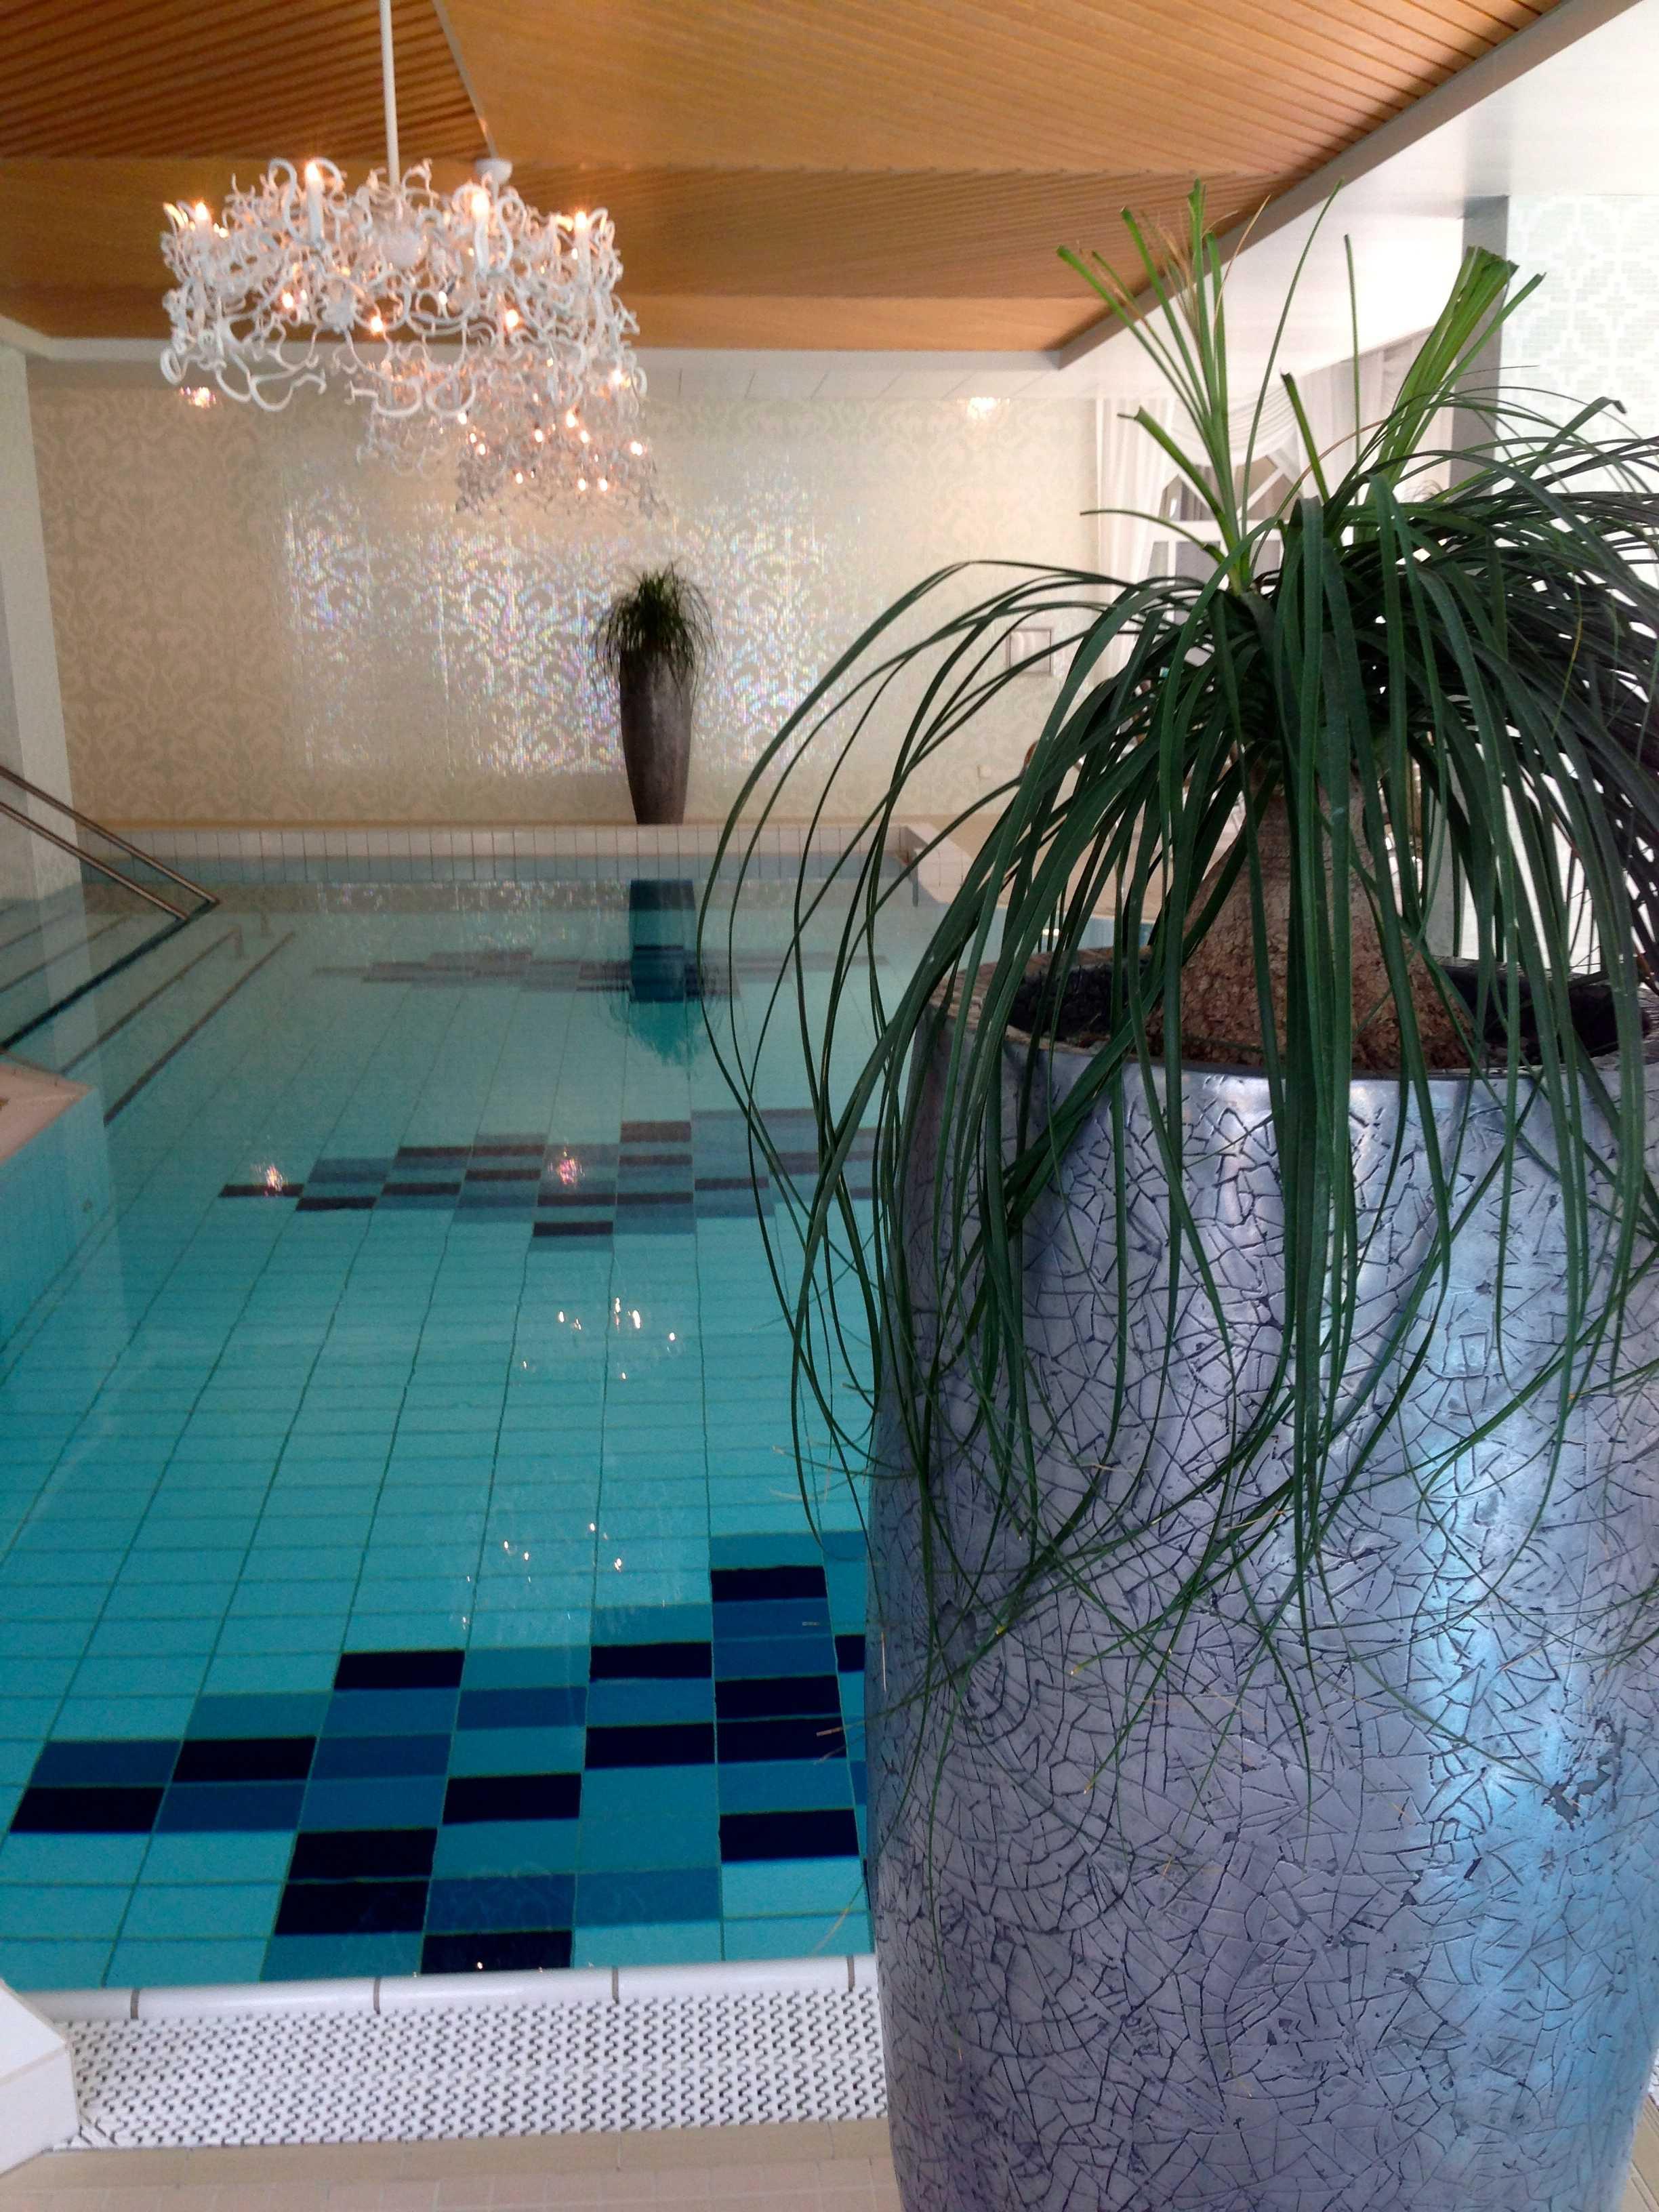 Wellnesshotel Hof Weissbad